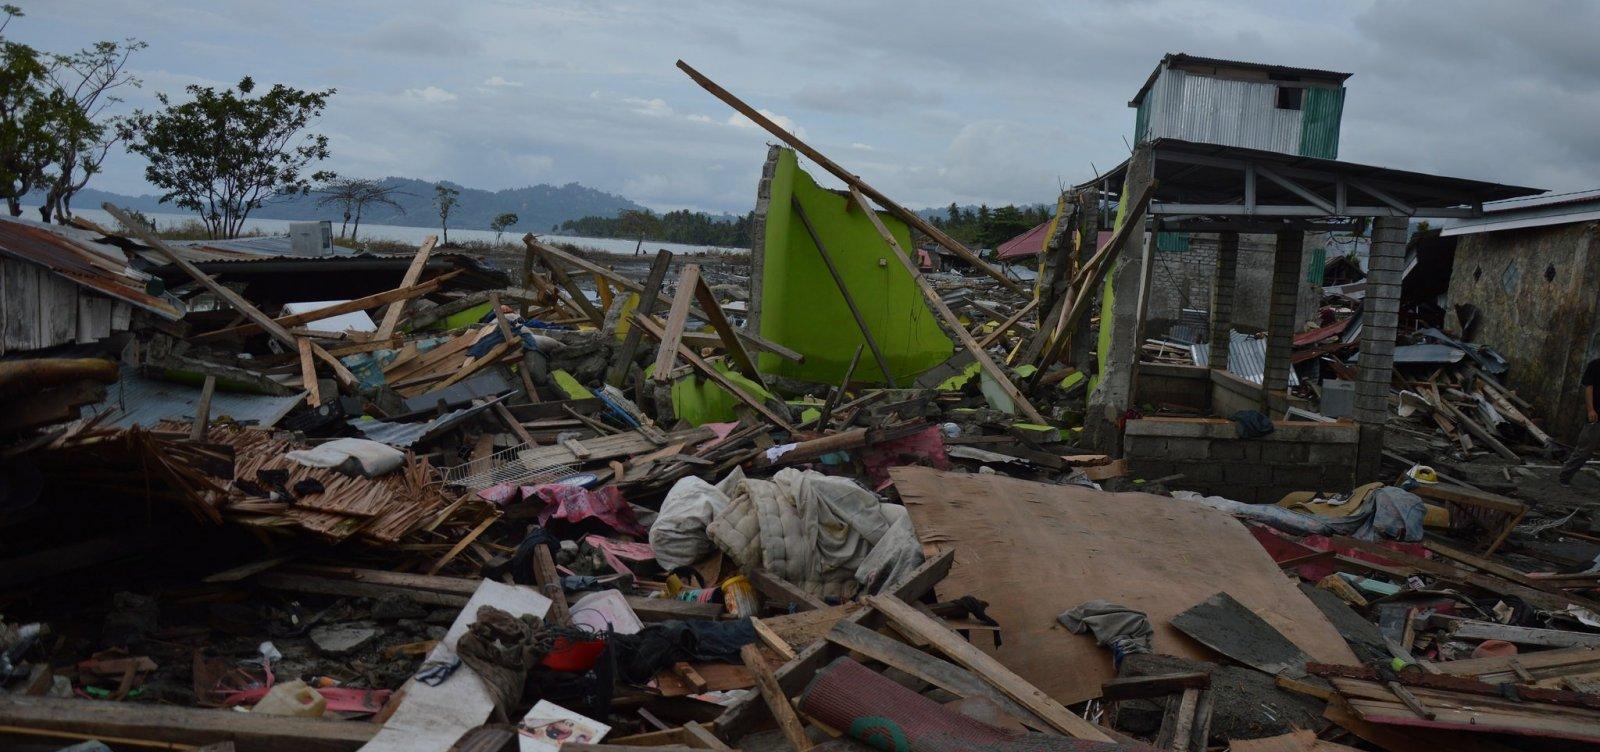 [Número de mortos sobe para 1,4 mil e vulcão entra em erupção na Indonésia]